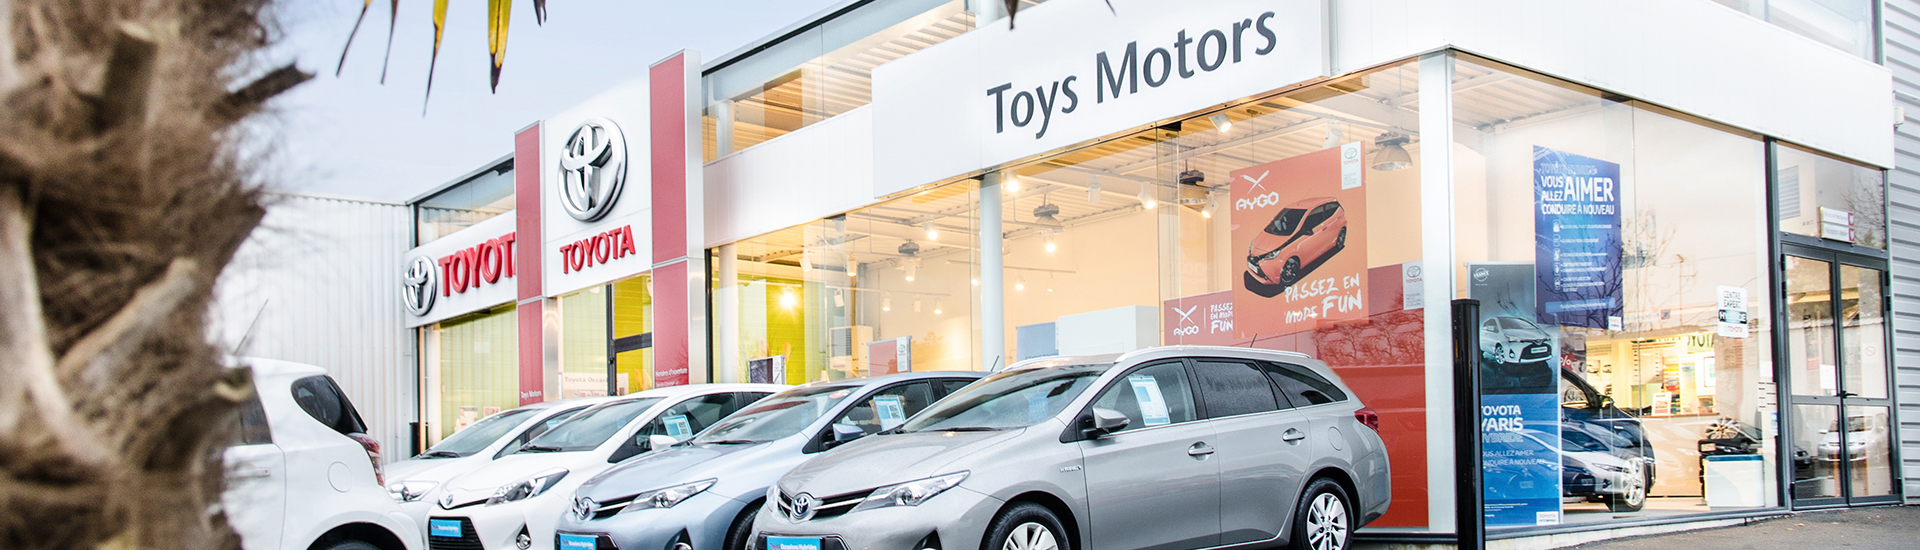 Toyota Toys Motors à Challans en Vendée (85).